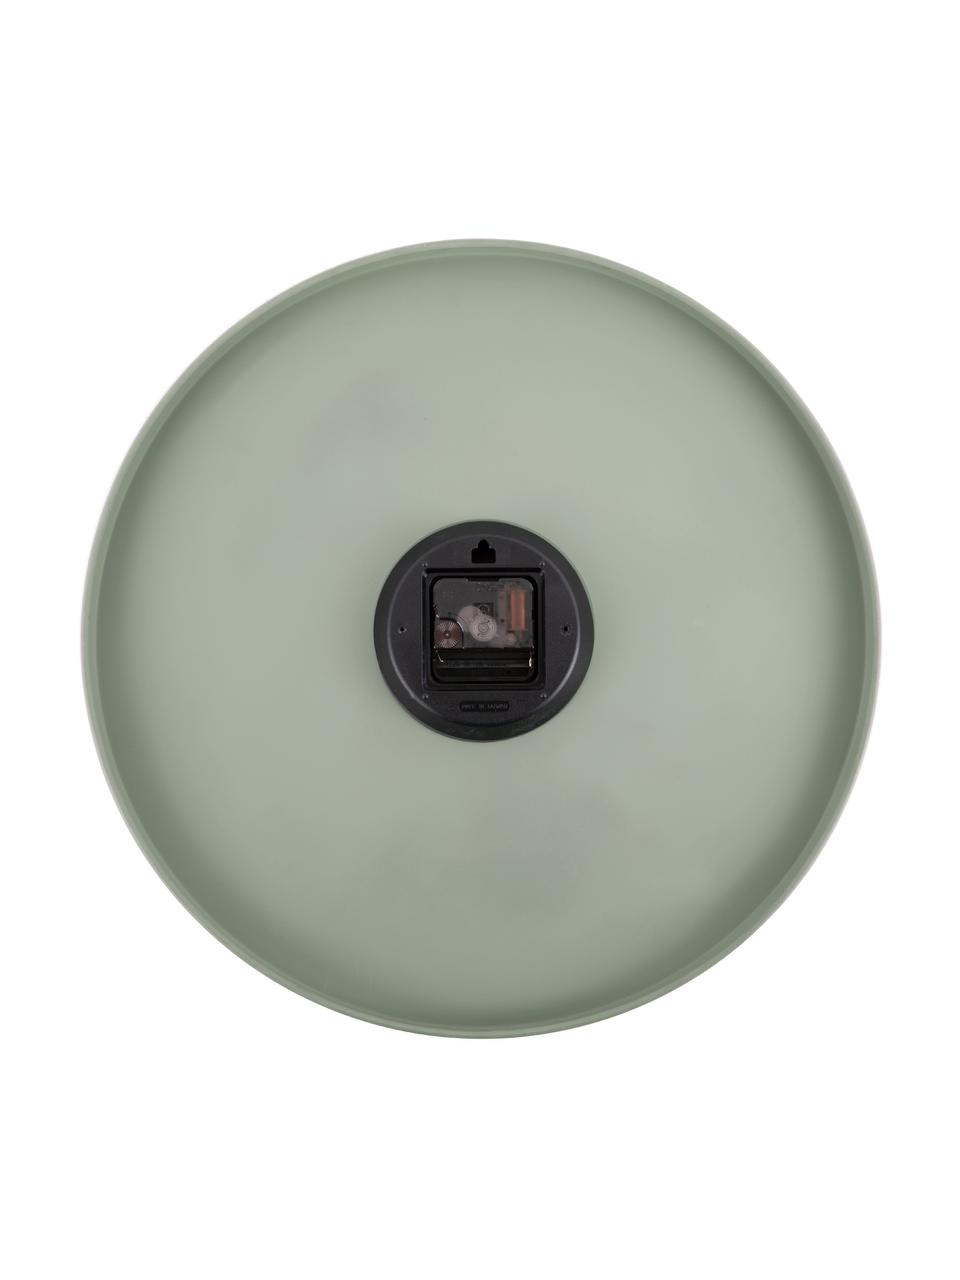 Wanduhr Charm, Metall, beschichtet, Grün, Ø 45 cm